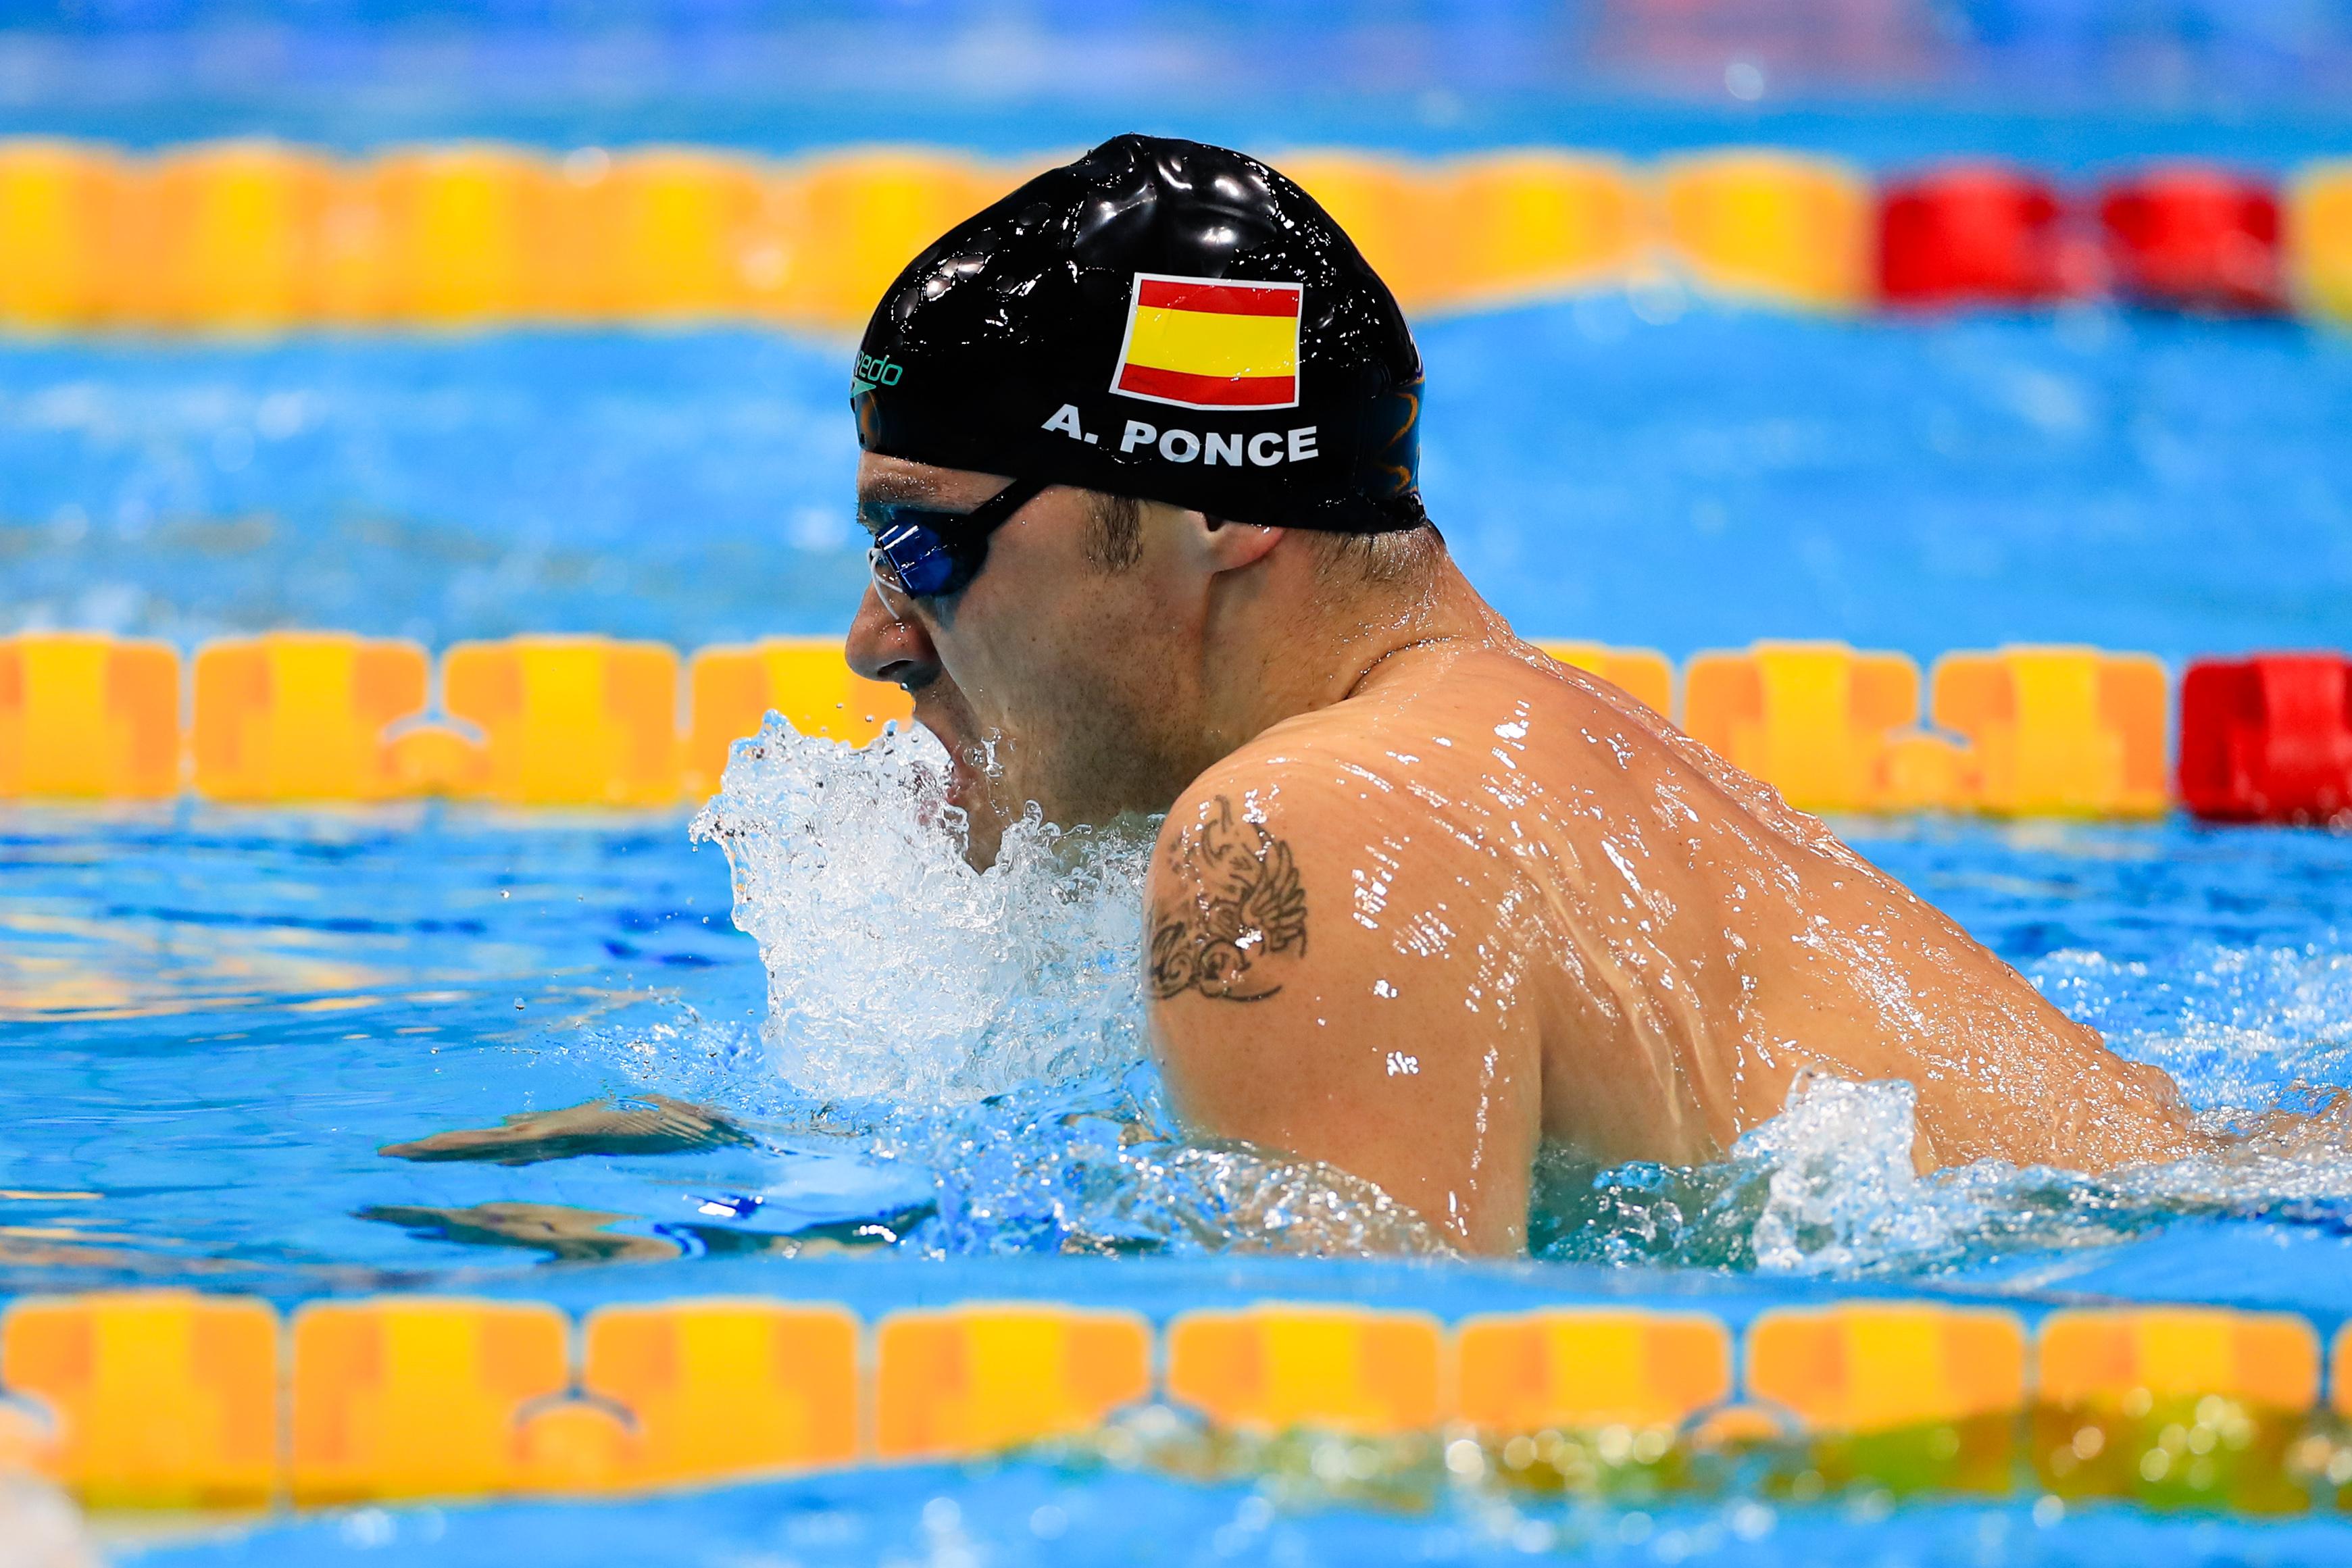 Toni Ponce se convierte en el primer nadador español que se asegura su  presencia en los Juegos Paralímpicos de Tokio | Paralímpicos